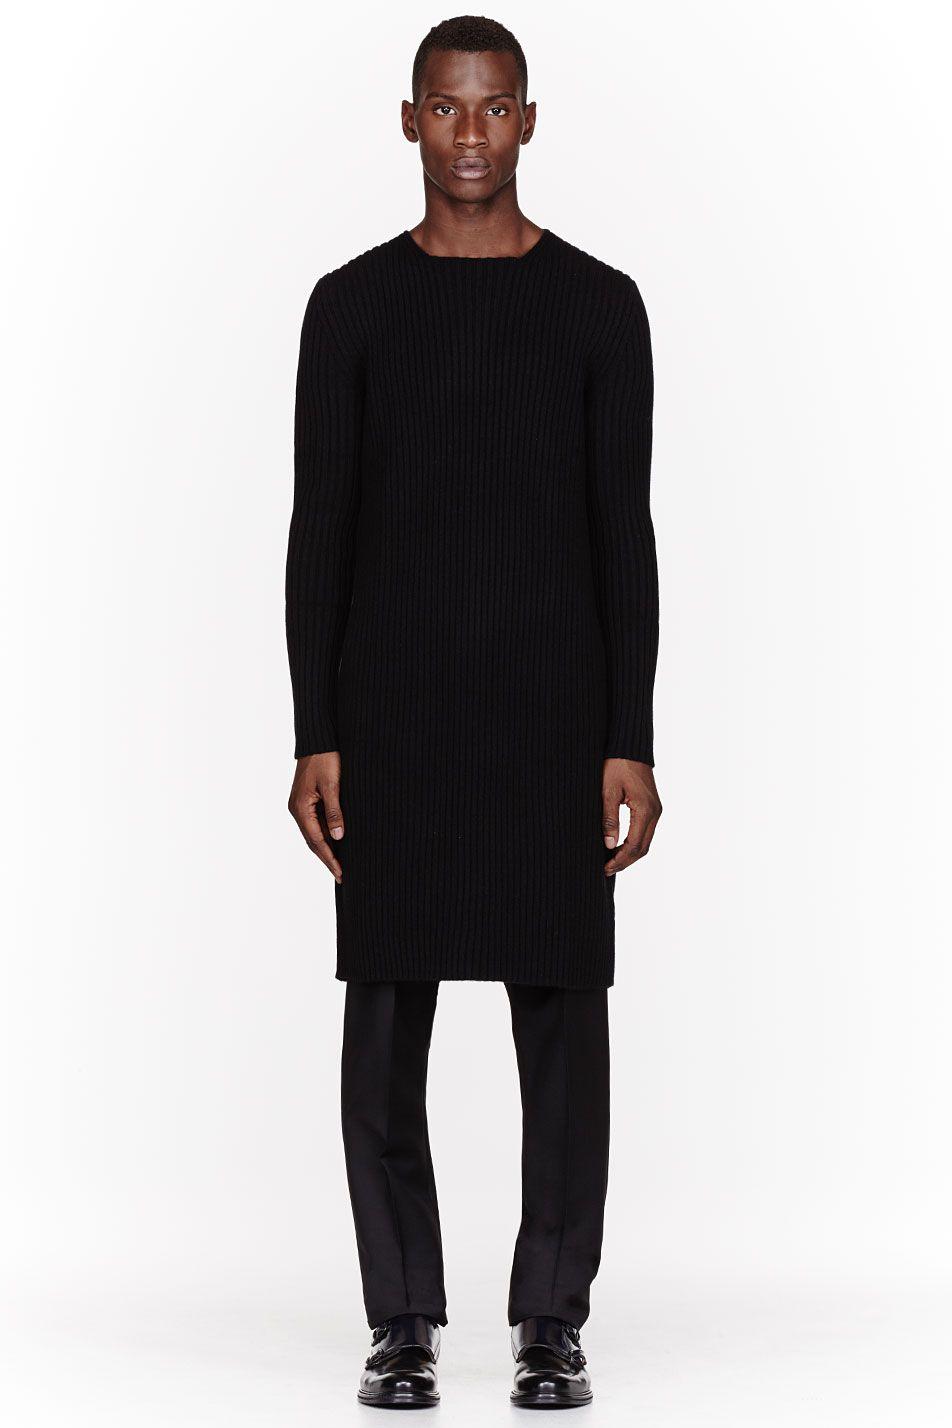 YANG LI Black Cashmere ribbed knit overlong Sweater